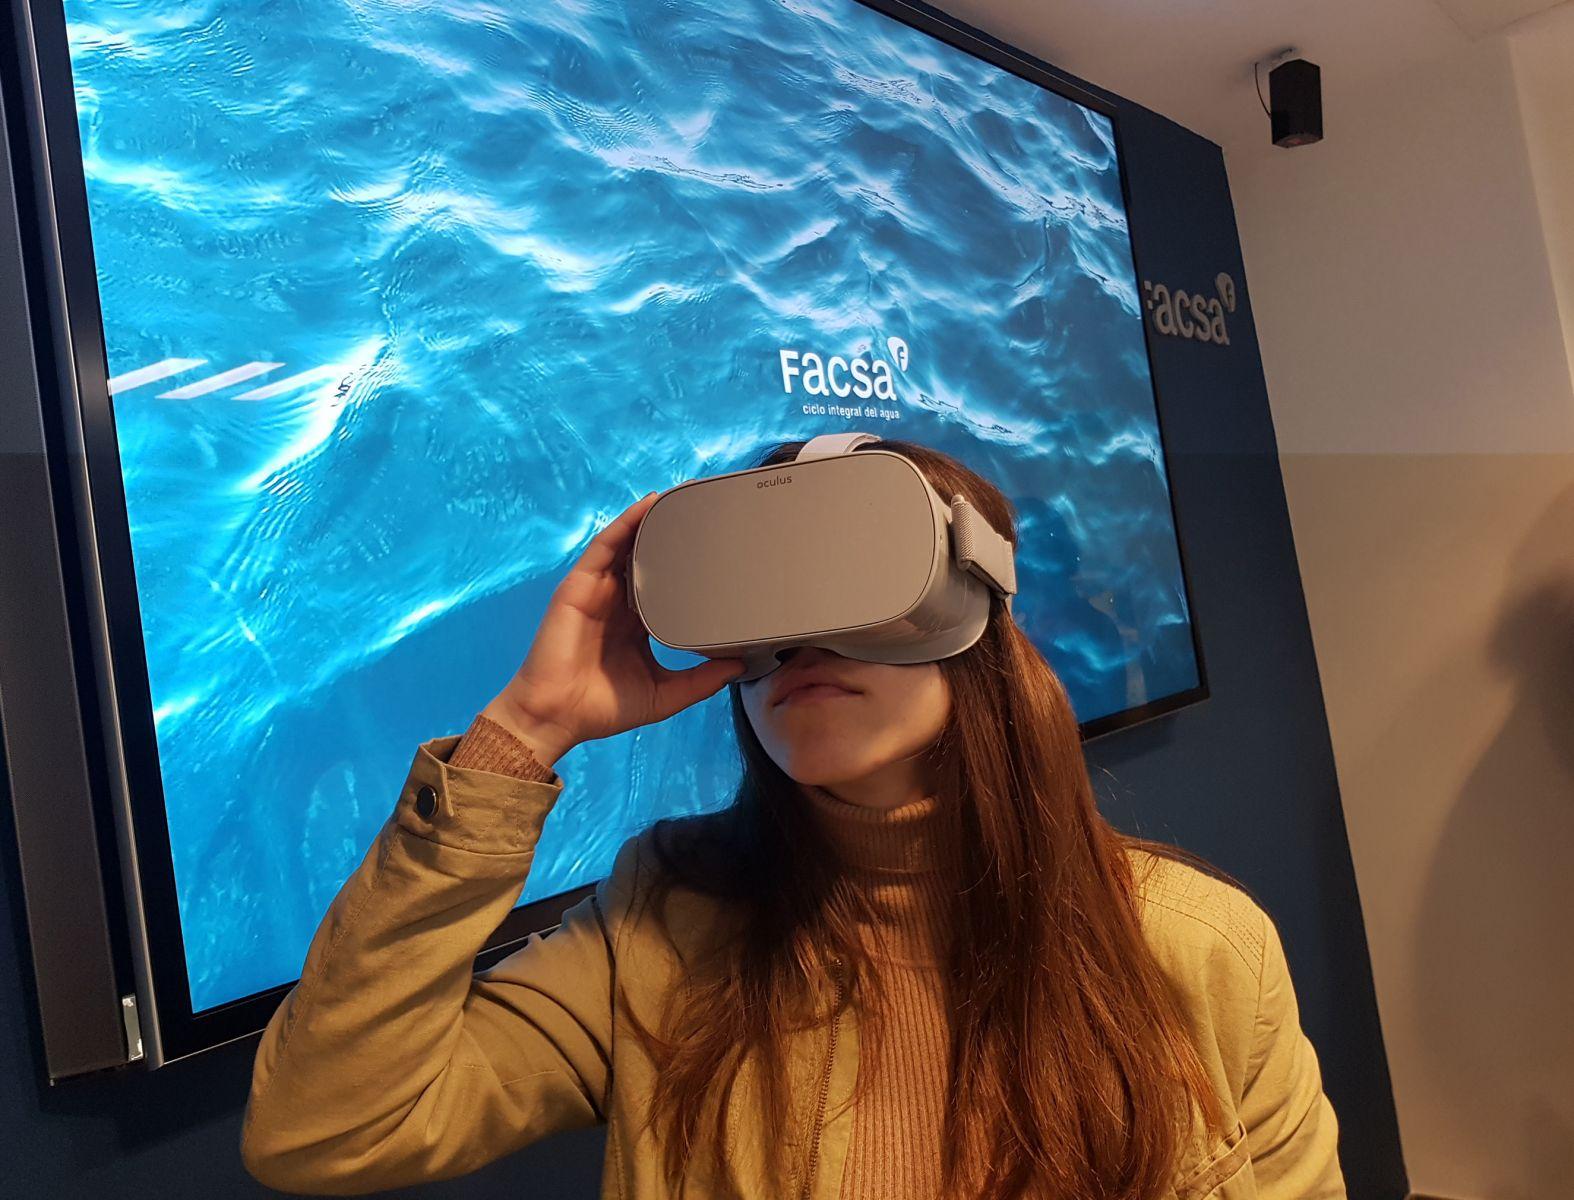 FACSA lanza un innovador programa de Realidad Virtual para concienciar sobre el uso responsable del agua